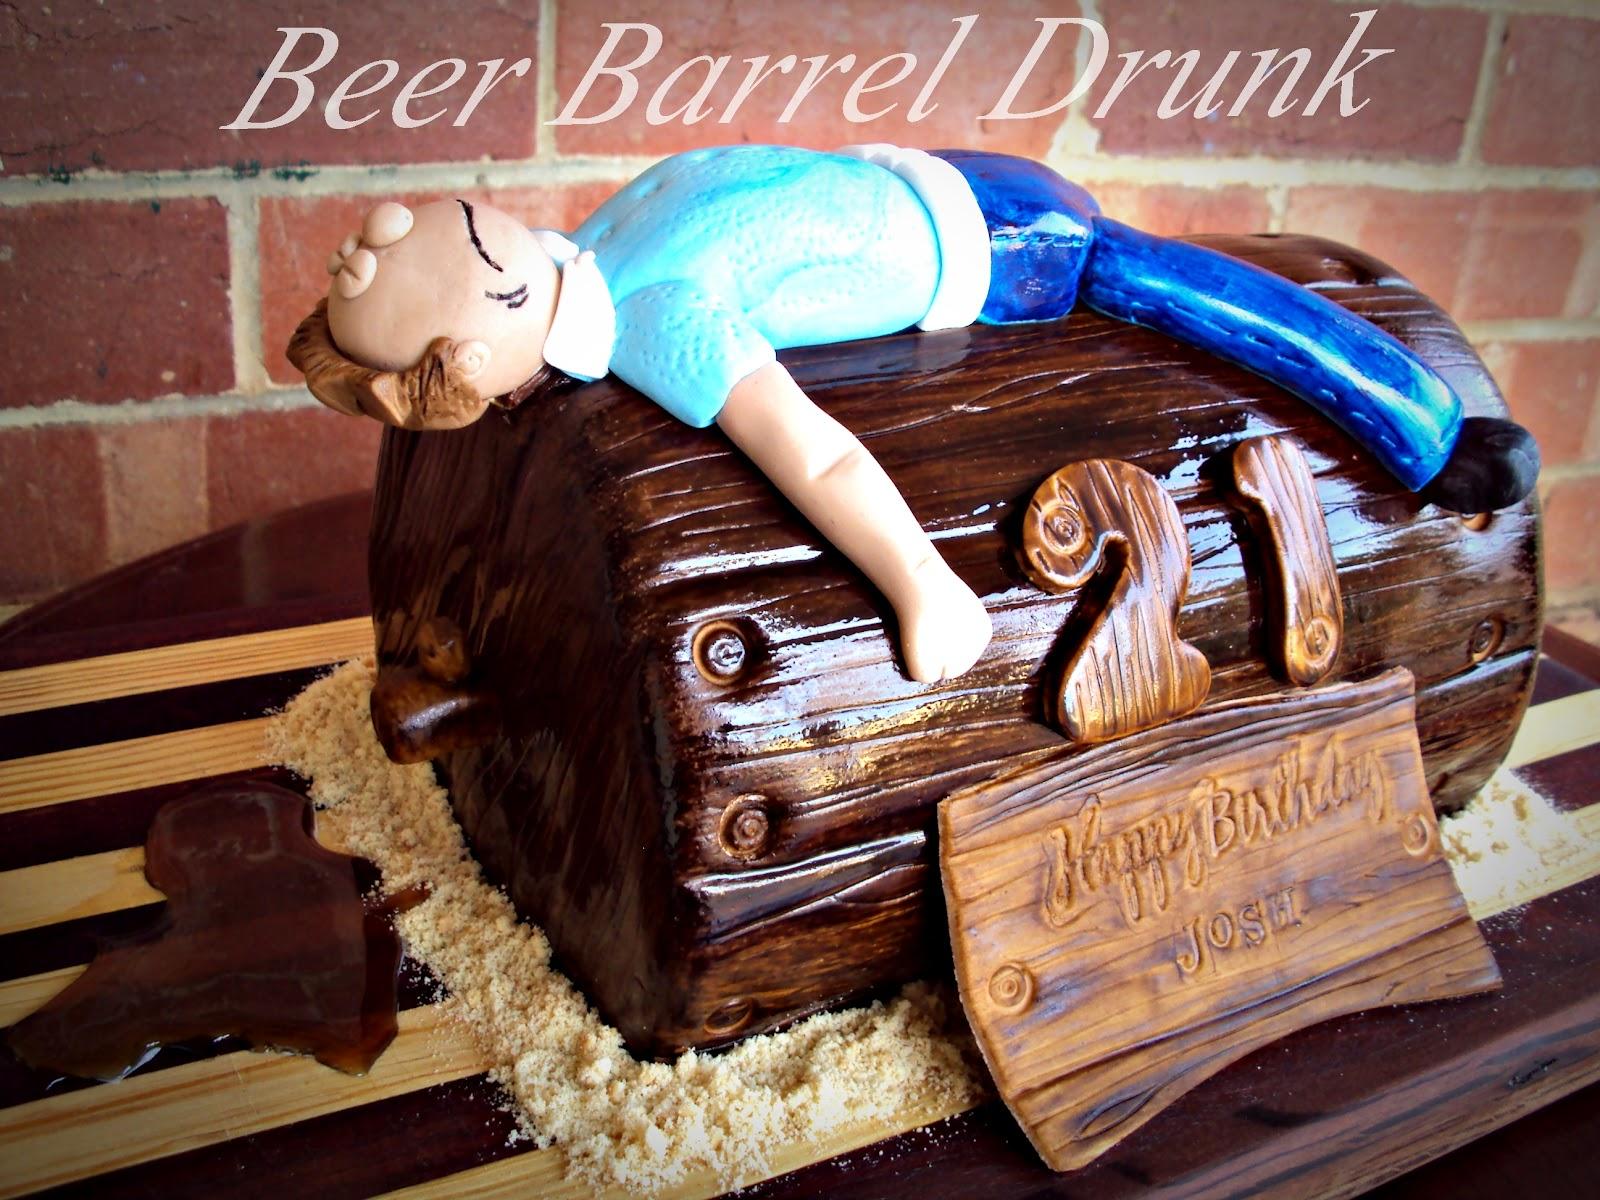 Danni S Creative Cakes Beer Barrel Drunk